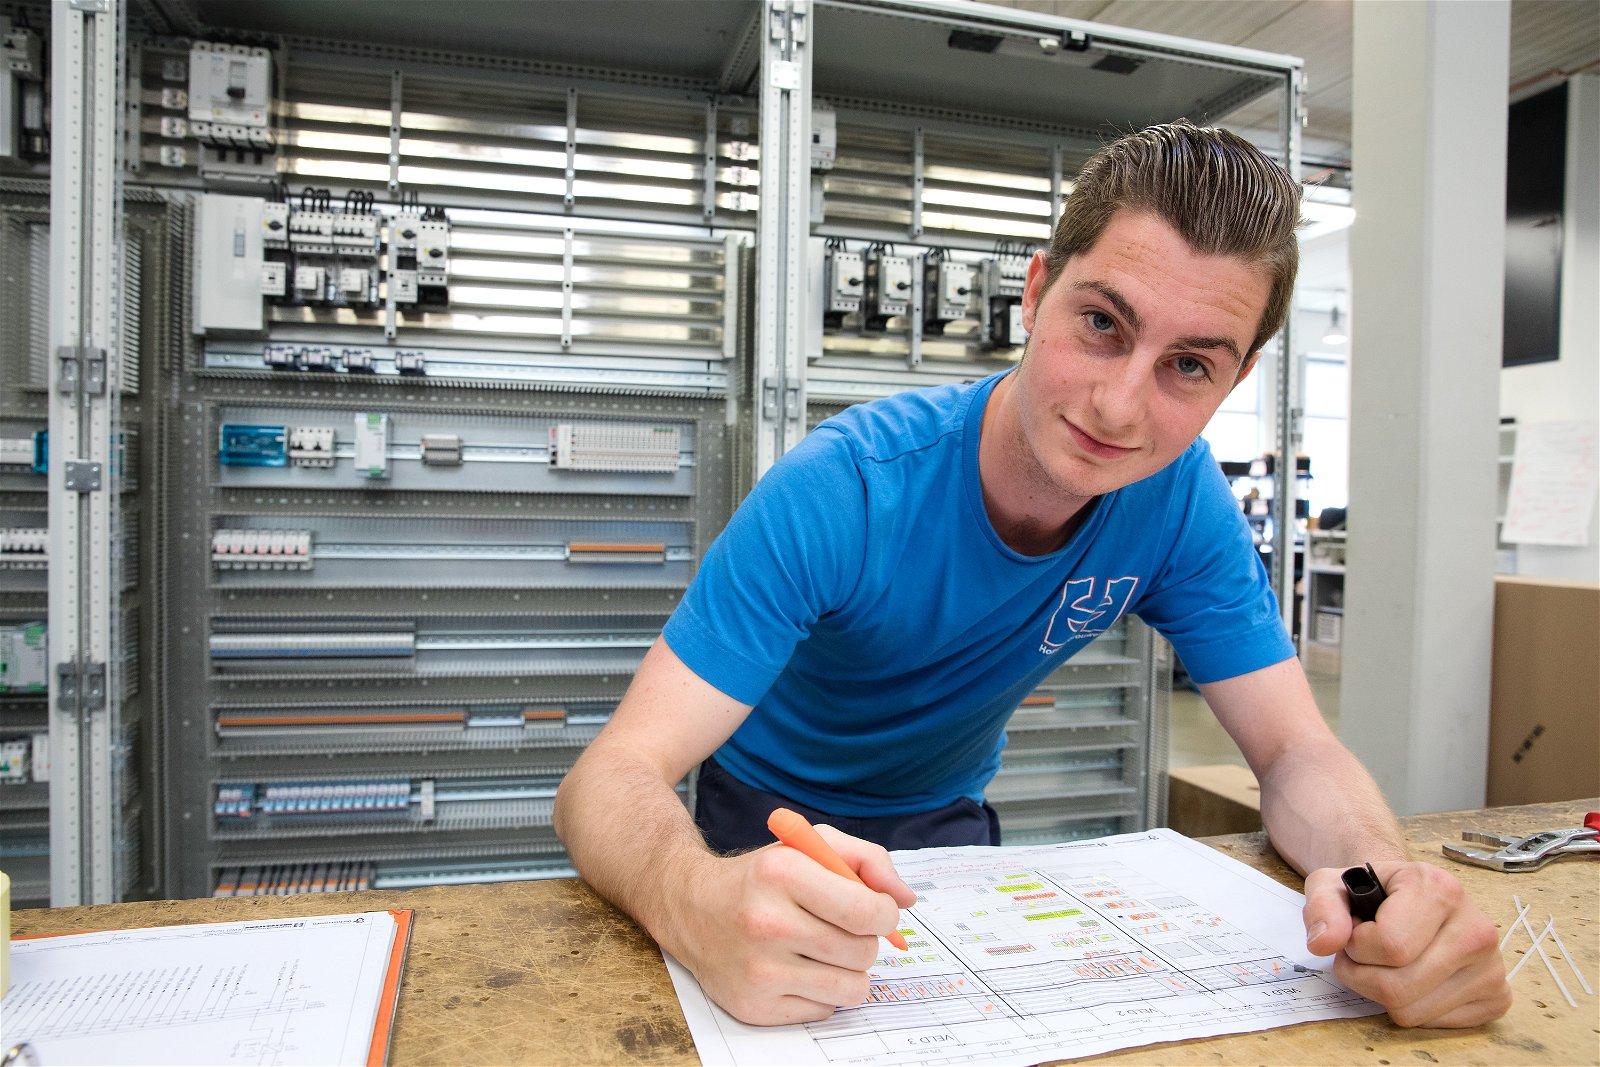 Kies uit Elektrotechniek of Werktuigbouwkunde bij het bbl-traject van Hoppenbrouwers Techniek.